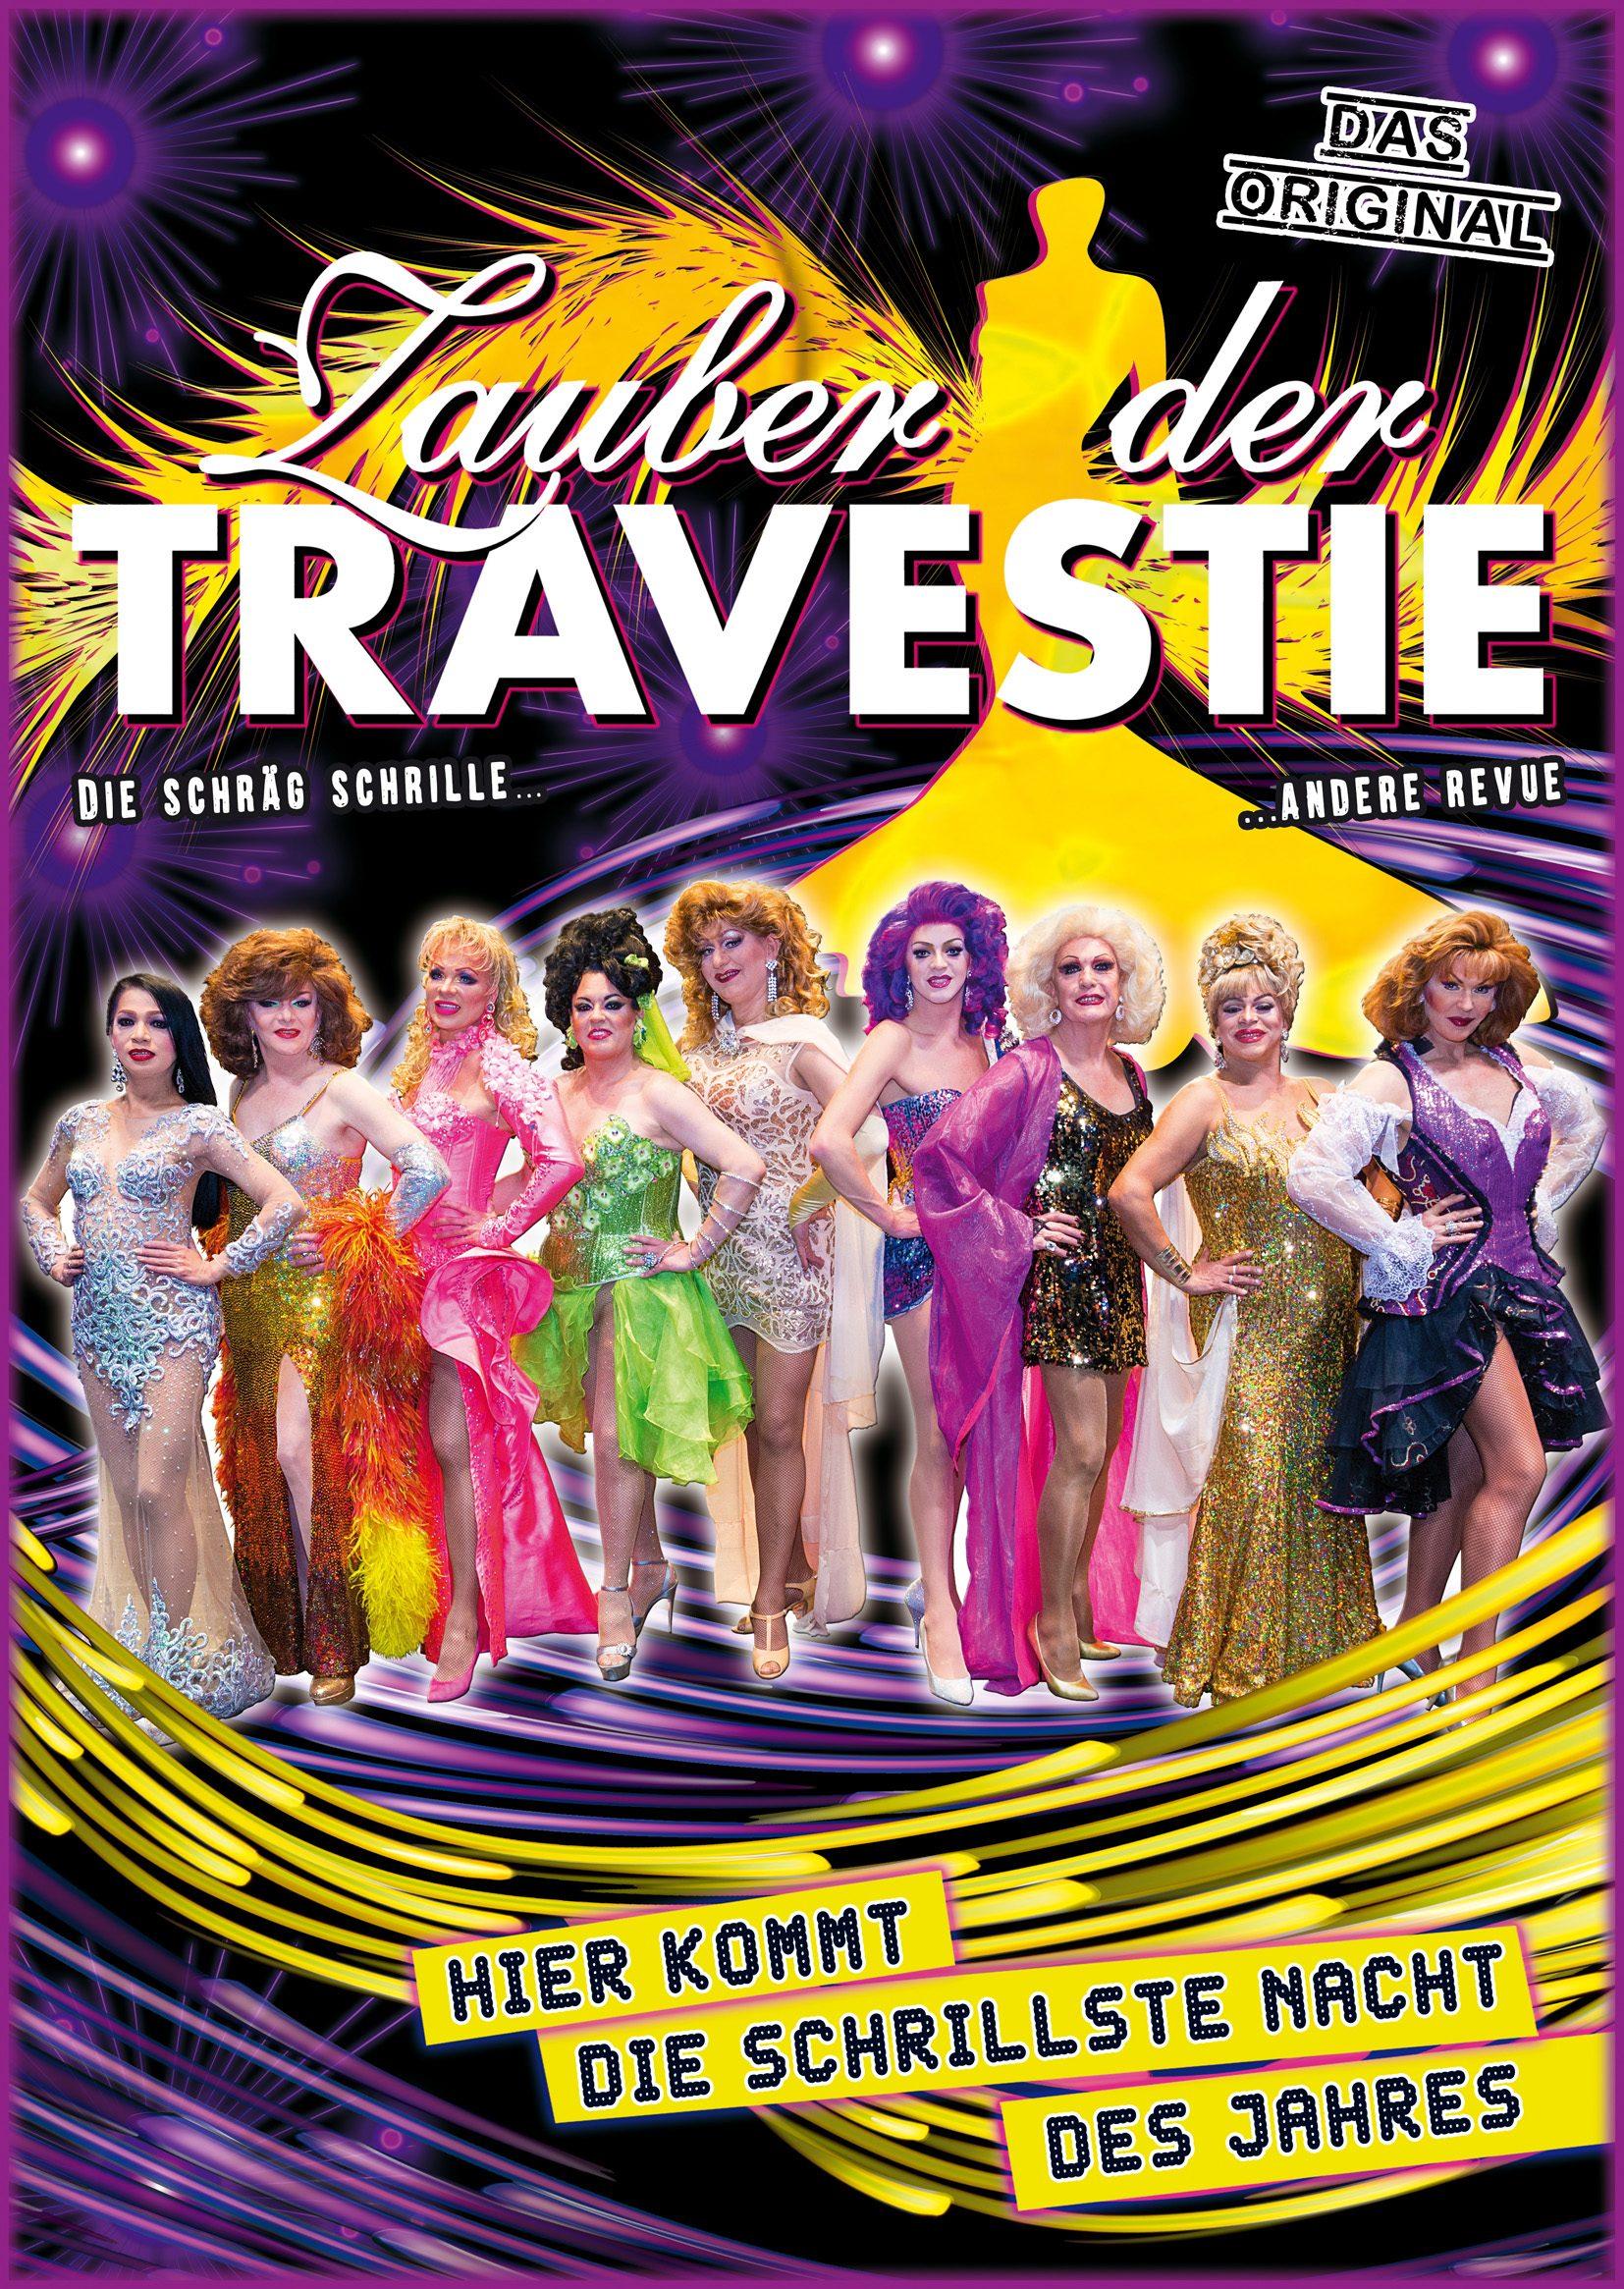 Zauber der Travestie das Original 1